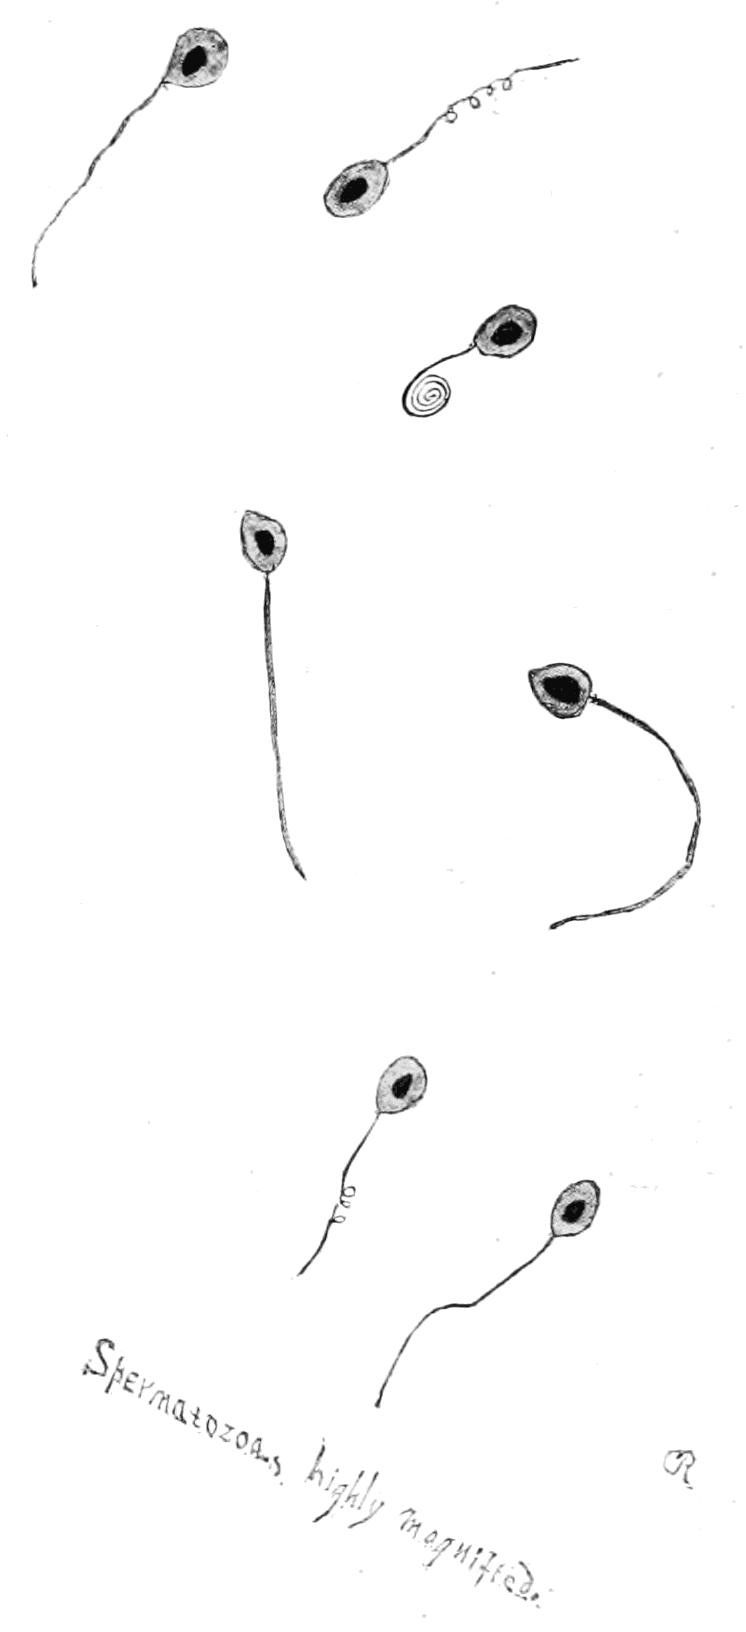 PSM V61 D203 Salmon spermatozoa for artificial propagation